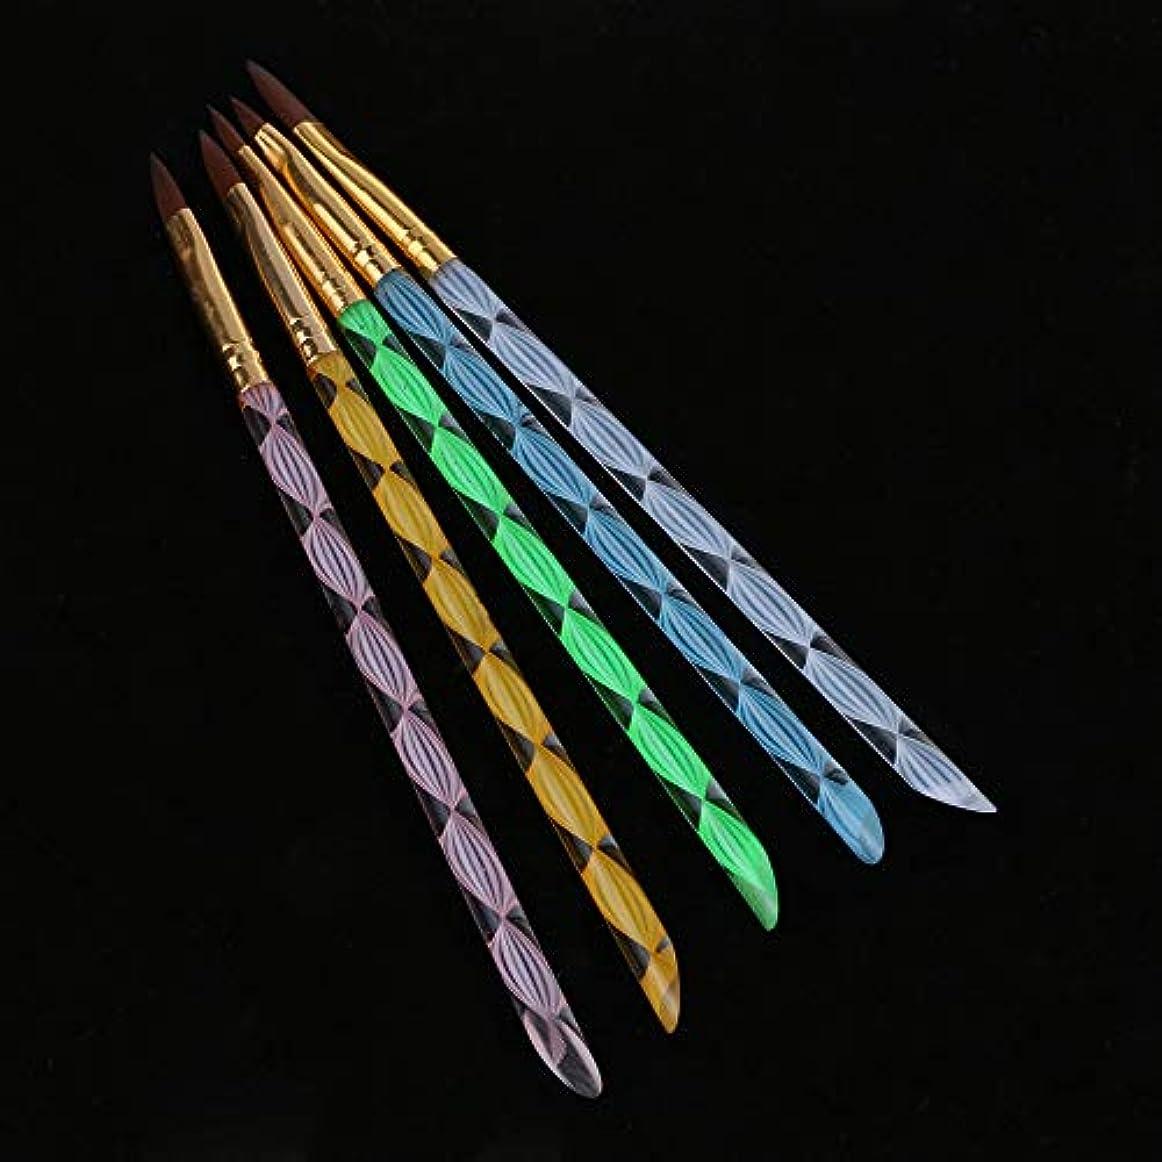 ヒステリックすき再生可能5PCS UVジェル ネイルアート ブラシ ペイントペンスパイラルネイルデザインクリスタルプロ 使用 家